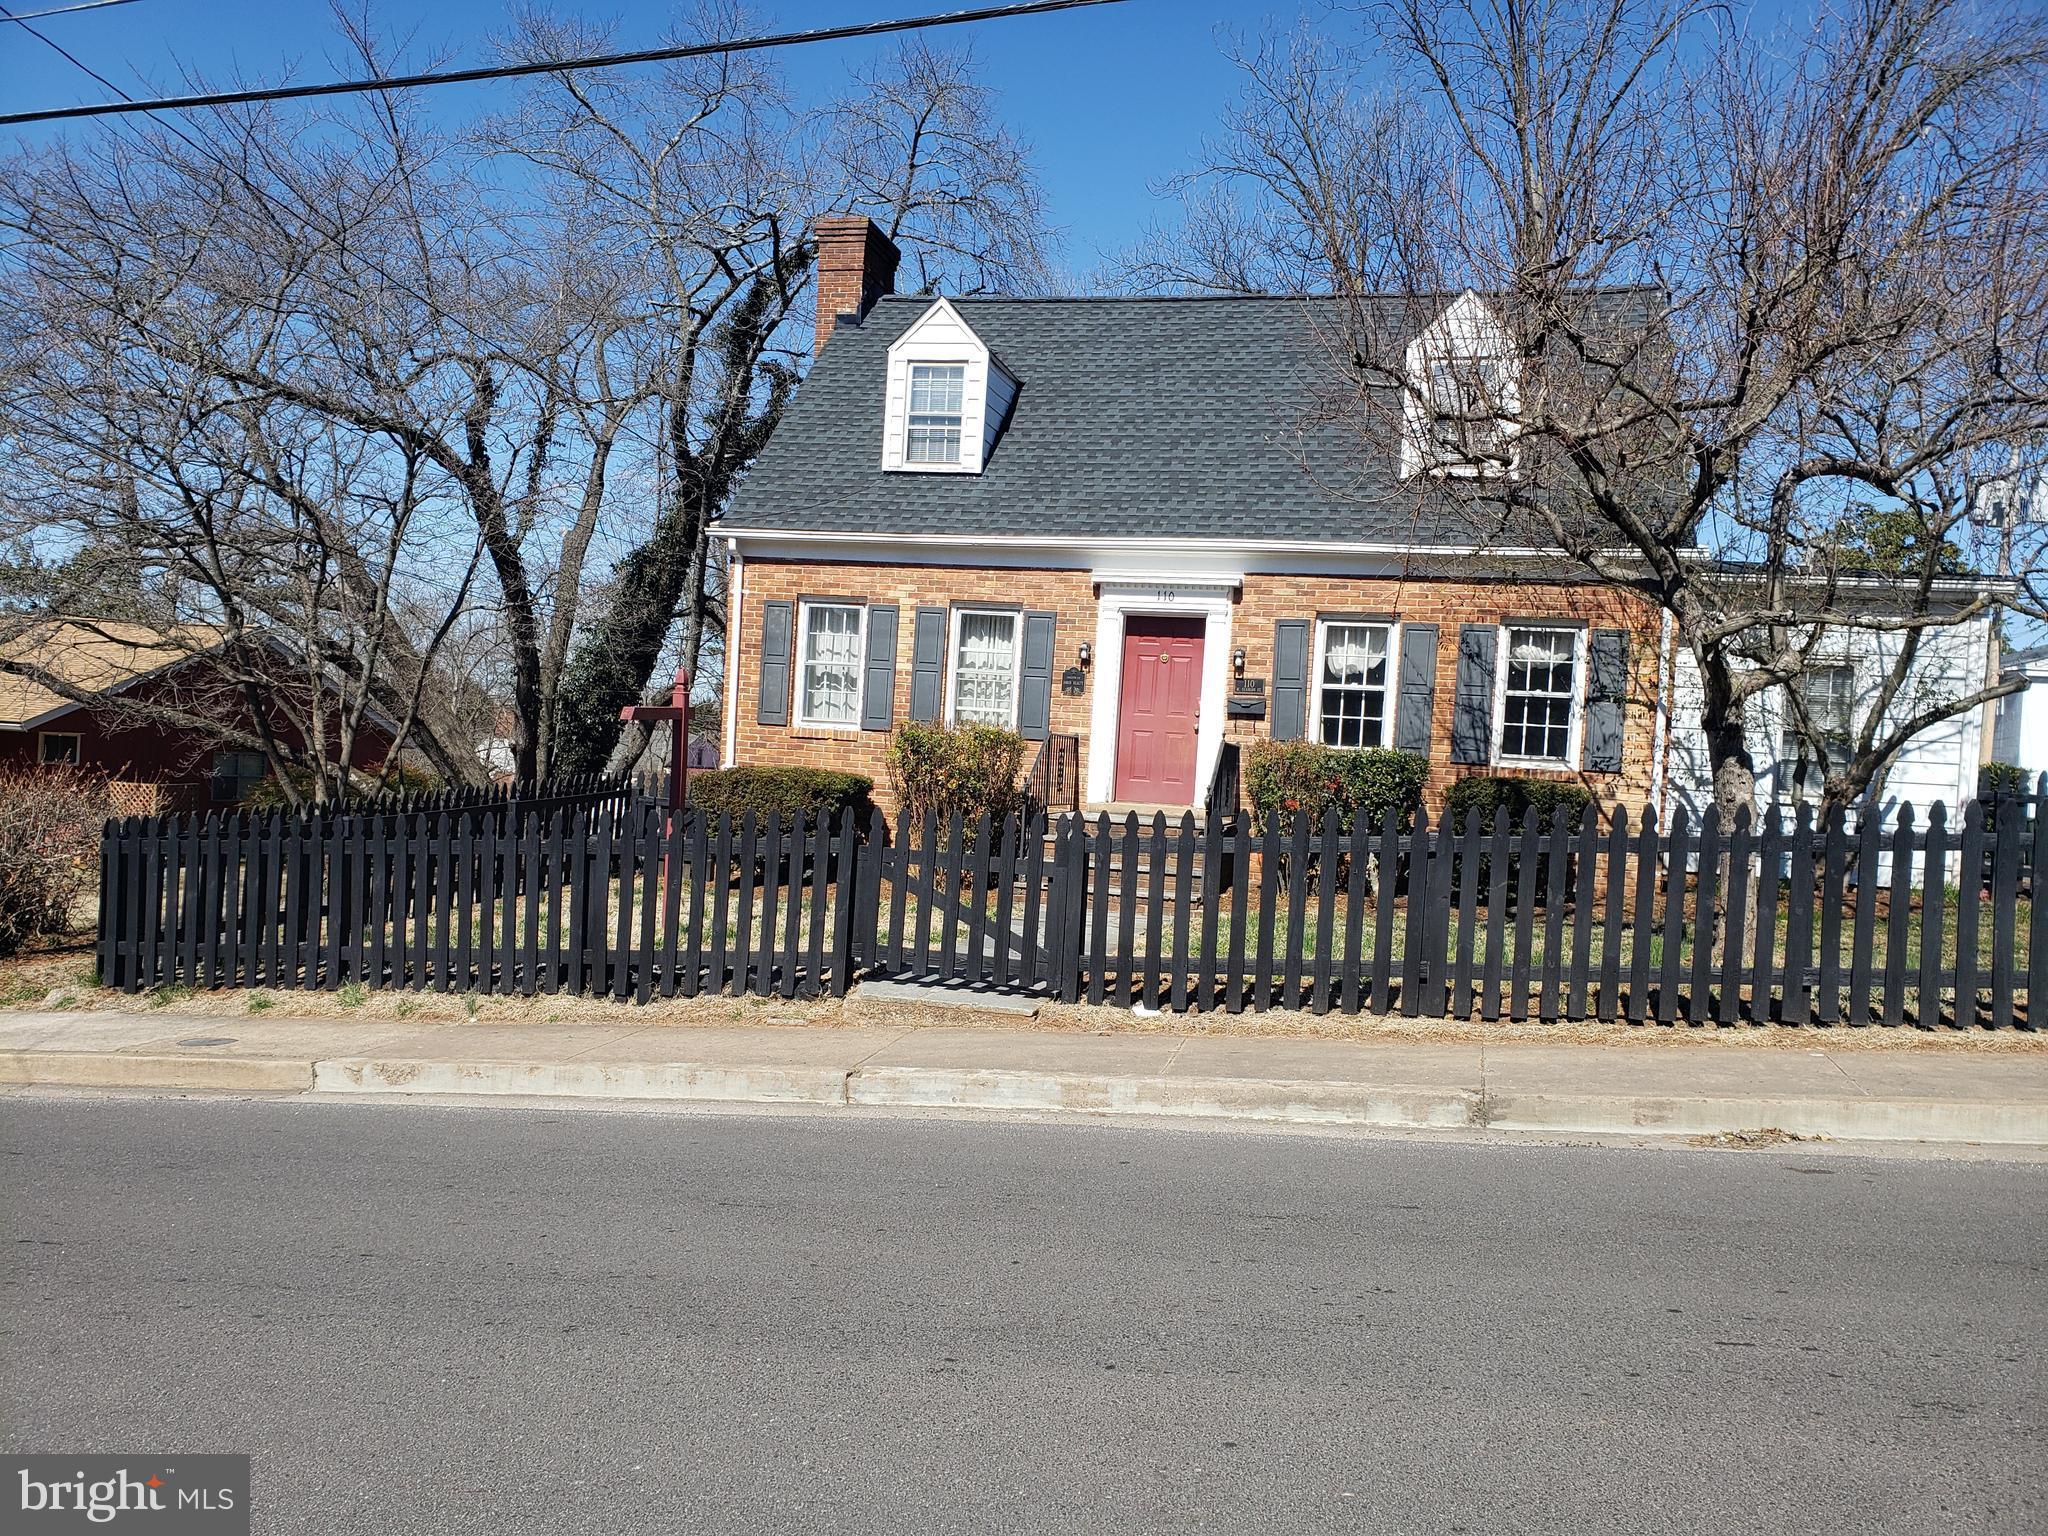 110 W Scanlon St, Culpeper, VA, 22701